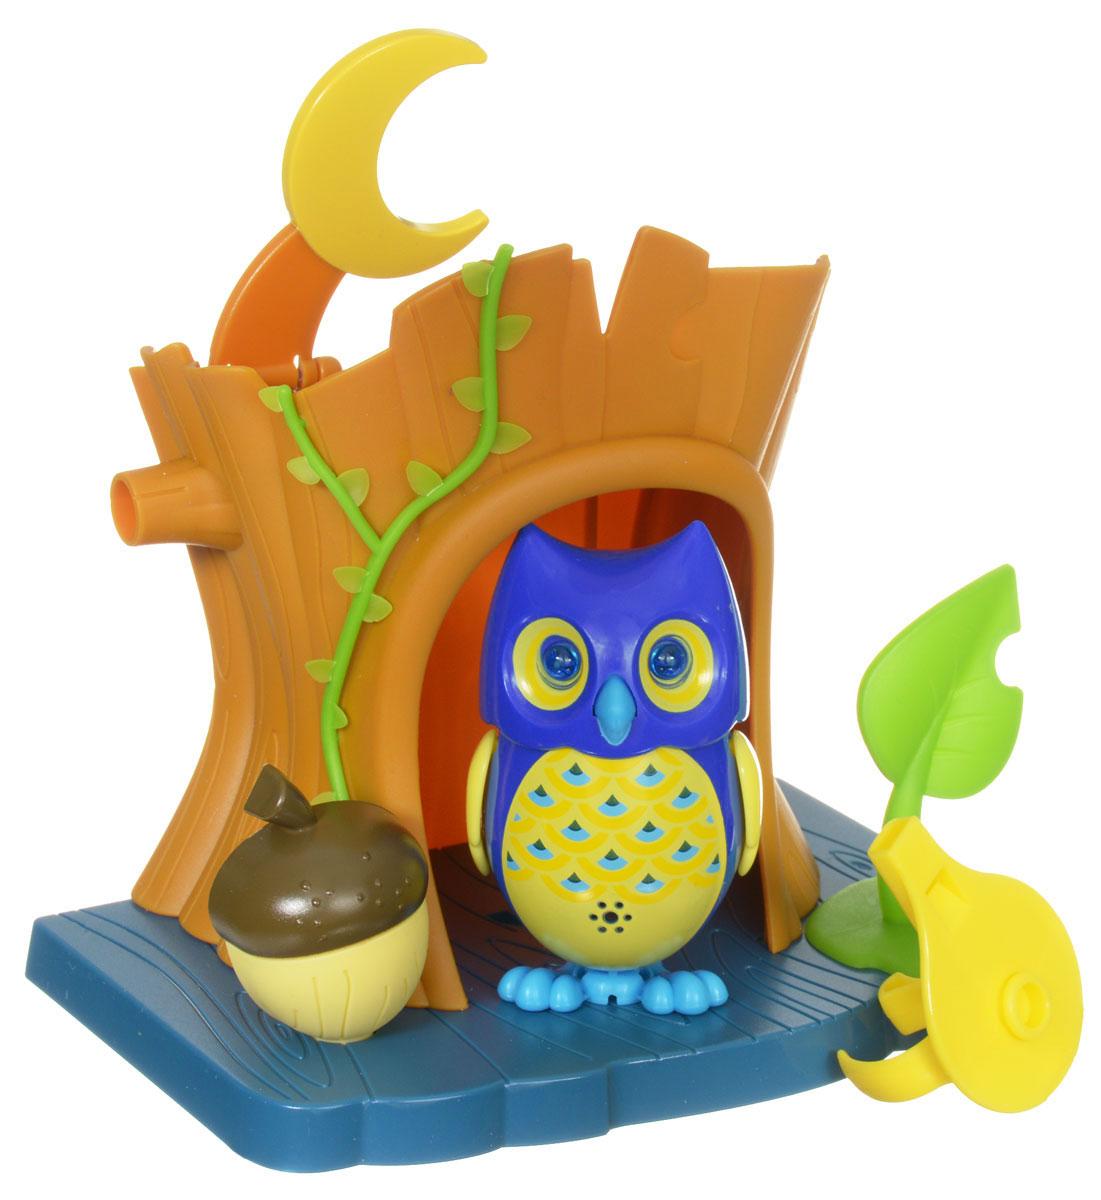 DigiFriends Интерактивная игрушка Сова с домиком цвет синий желтый интерактивная игрушка digifriends аква крокодил в ассортименте